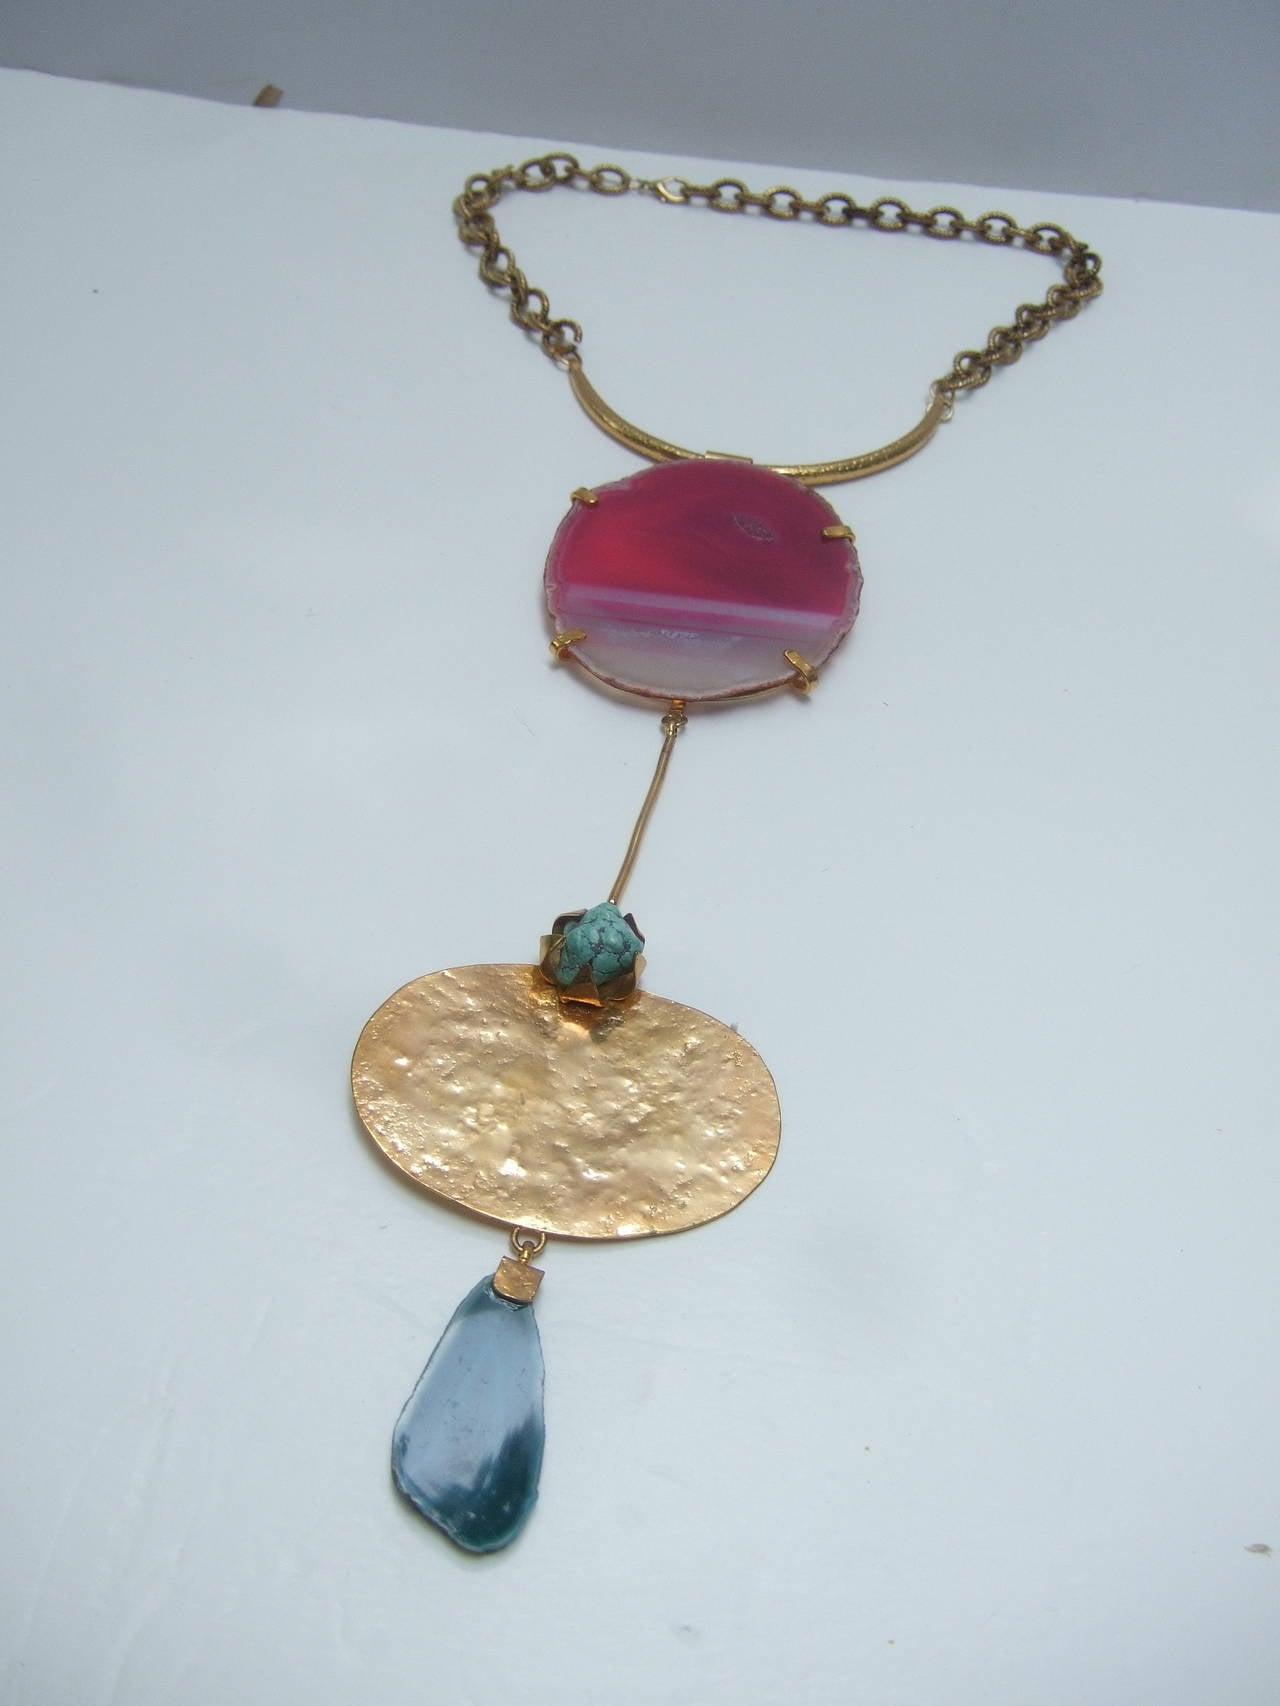 Philippe Ferrandis Paris Magnificent Agate Pendant Necklace For Sale 5